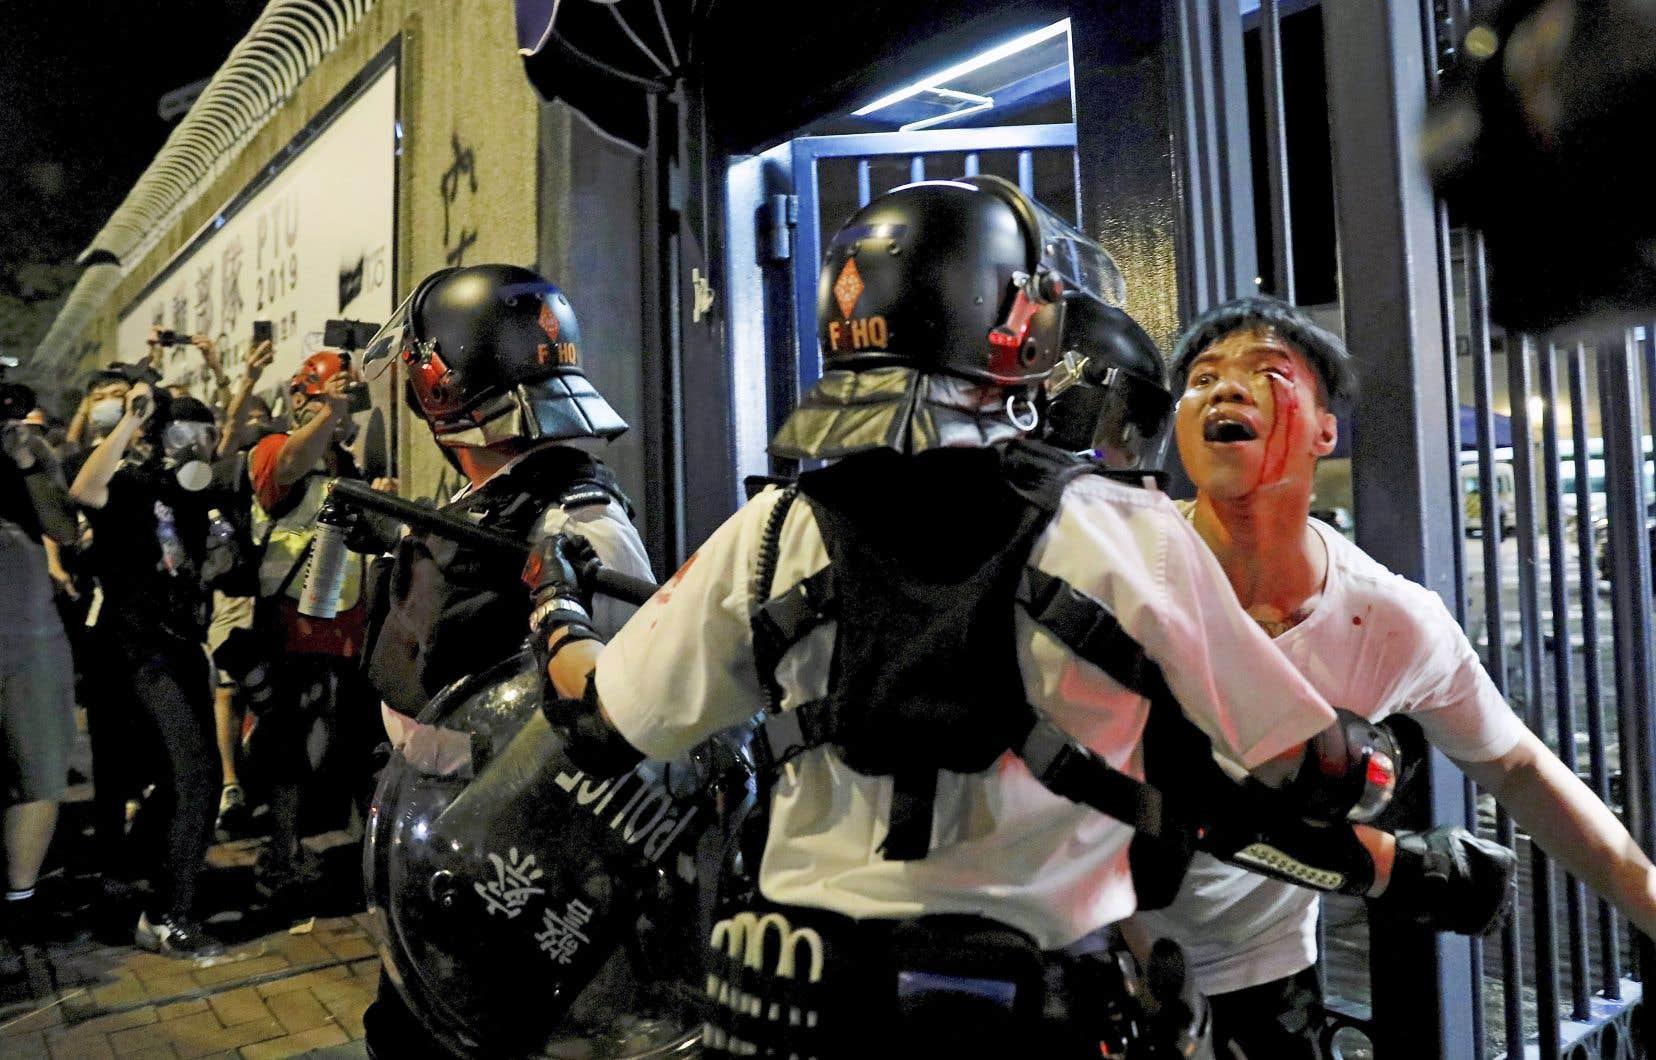 Les forces antiémeutes ont fait usage de gaz poivré et de violence contre des centaines de manifestants qui s'étaient regroupés devant un commissariat de police du quartier de Kwai Chung dans la soirée de mardi à Hong Kong.